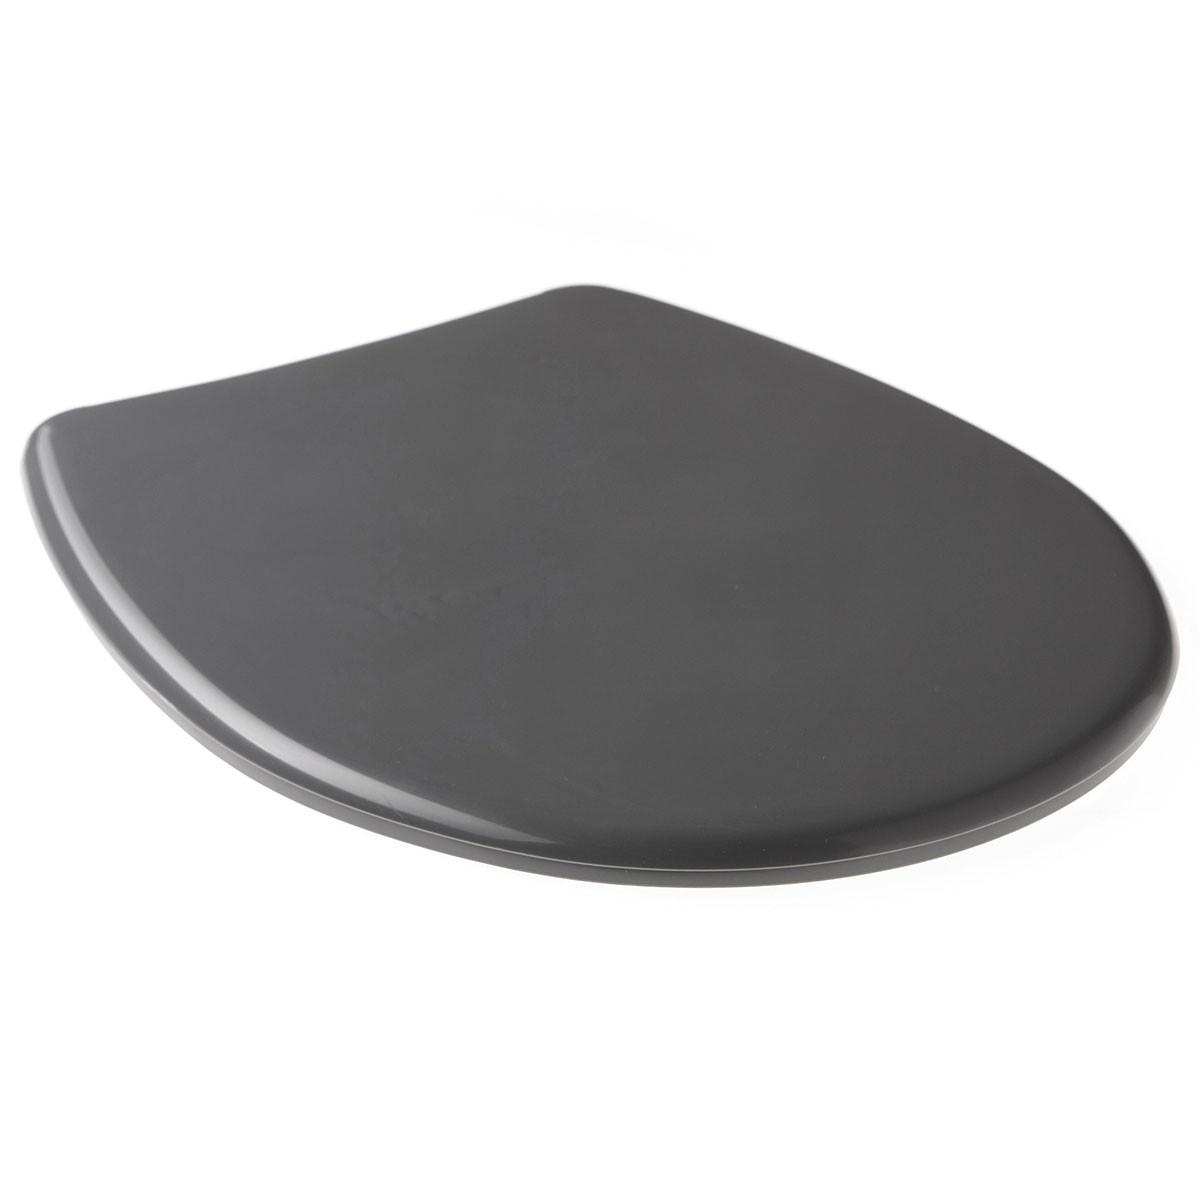 Καπάκι Τουαλέτας Tatay 06509.001 Standard Grey home   μπάνιο   καπάκια λεκάνης